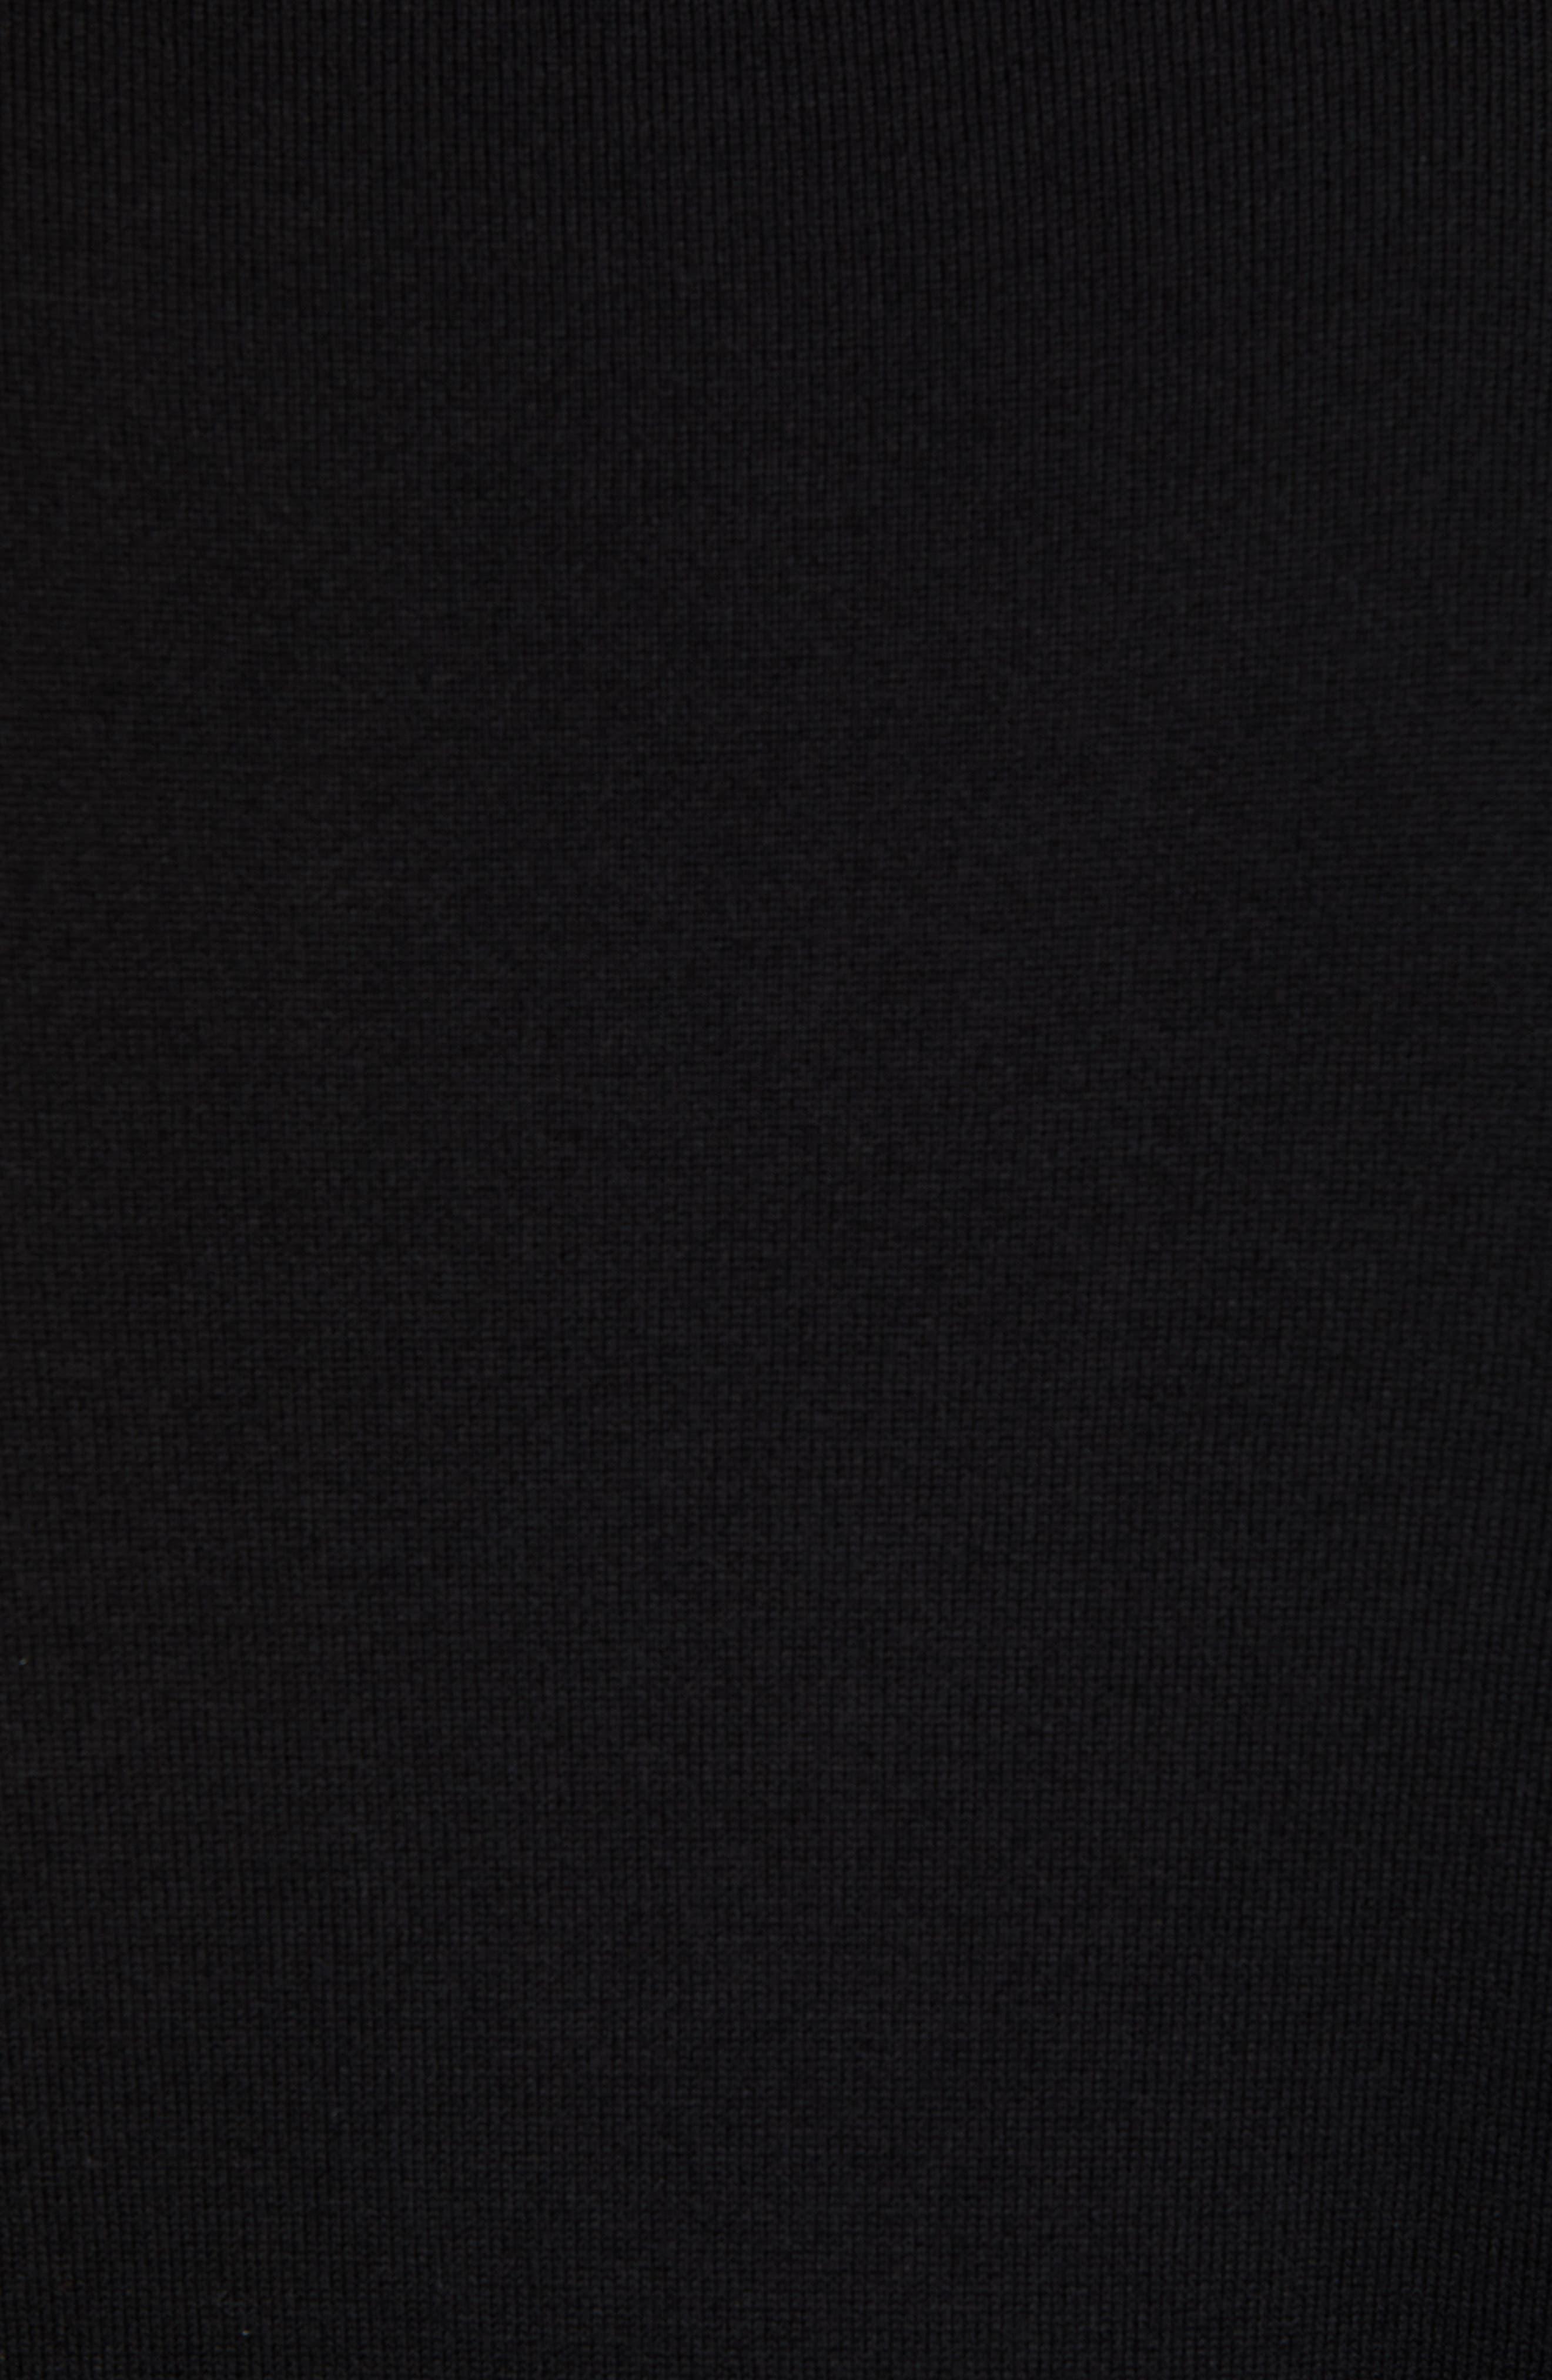 Philadelphia Eagles - Lakemont Regular Fit Quarter Zip Sweater,                             Alternate thumbnail 5, color,                             BLACK